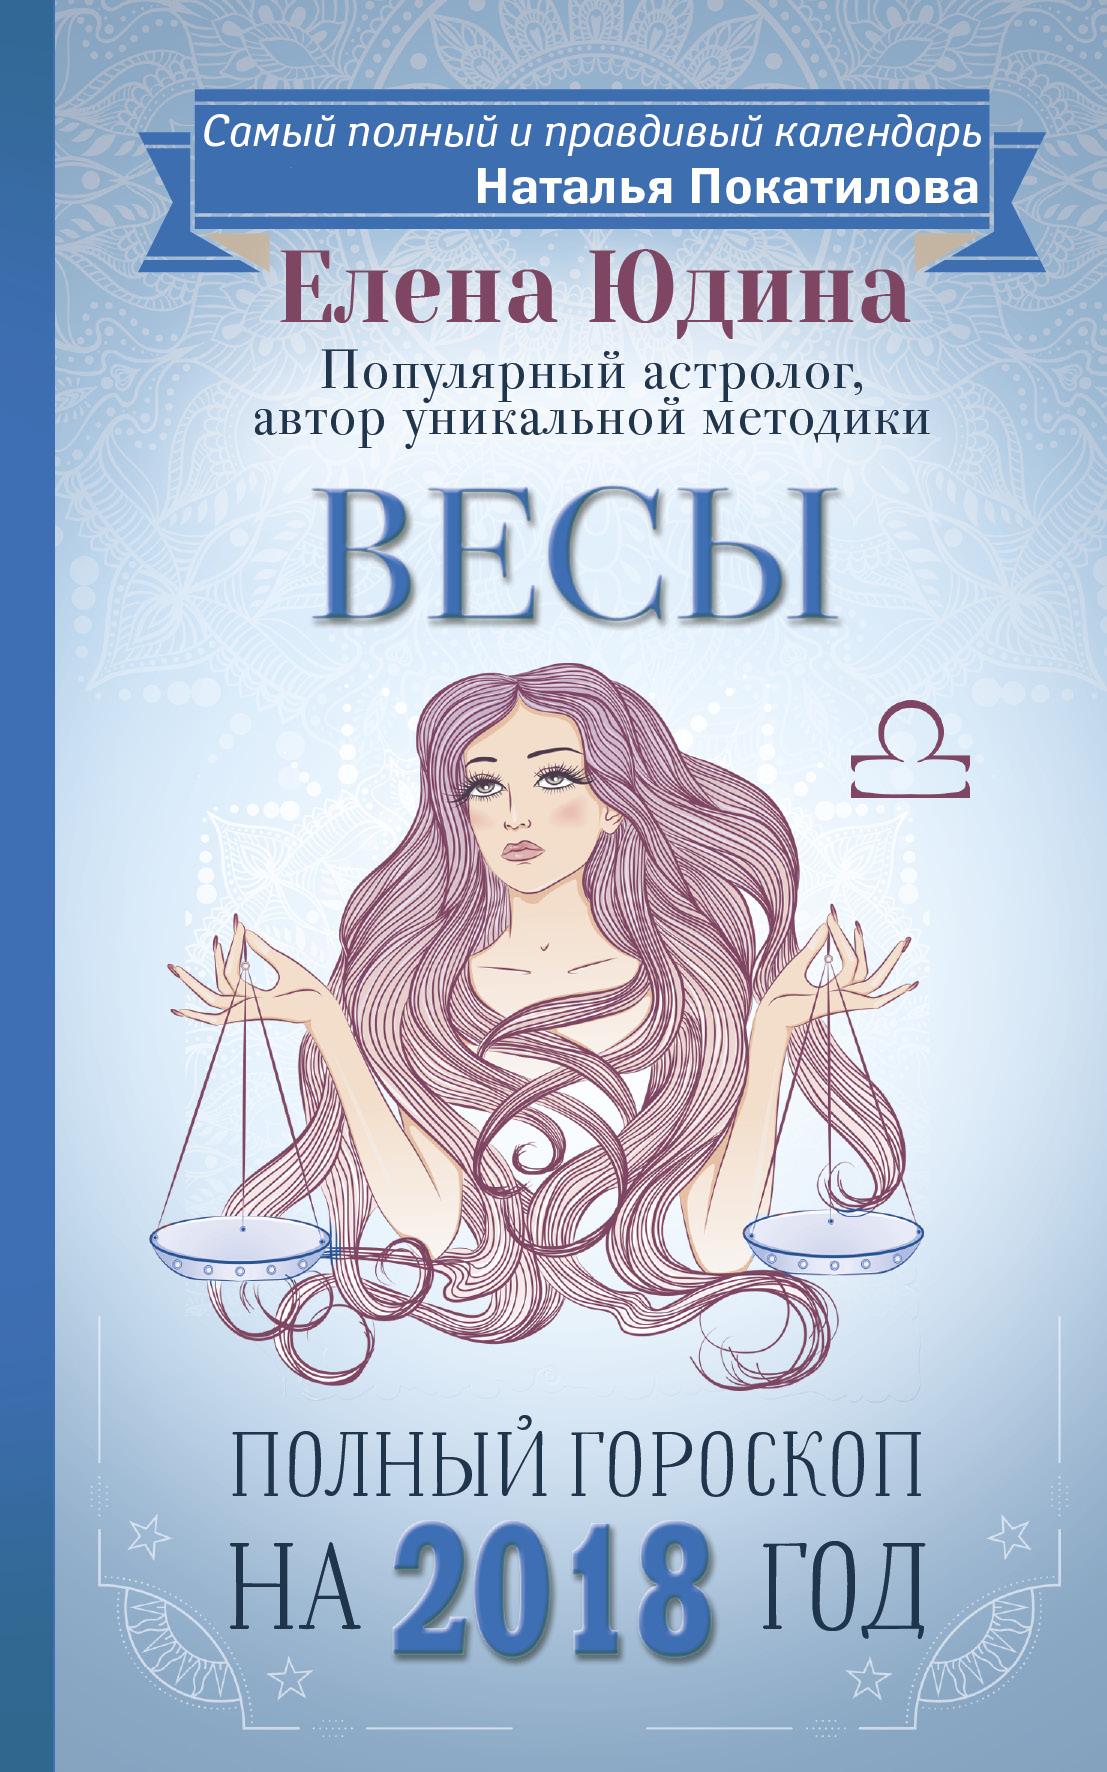 Юдина Е.А., Покатилова Н.А. Весы: полный гороскоп на 2018 год